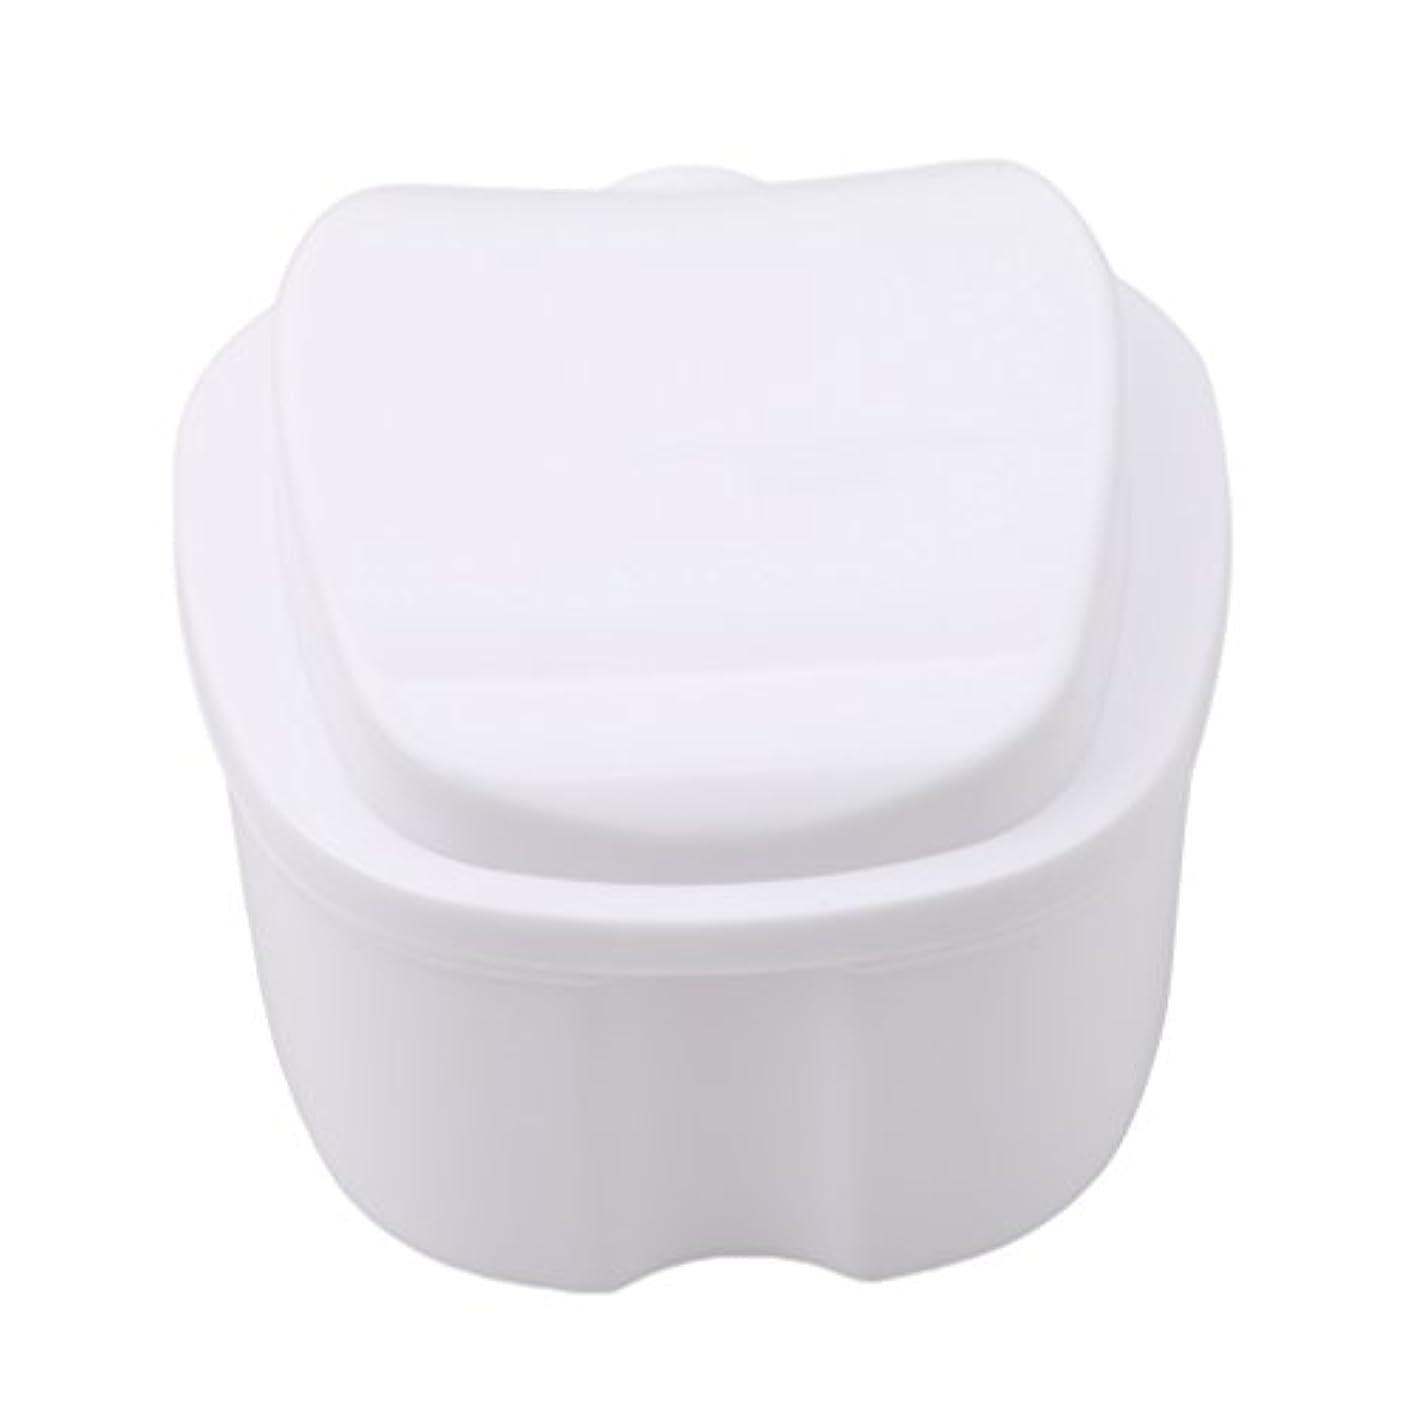 許可世界脚本Honel 収納ボックス 義歯収納用 リテーナーケース りんご柄 ホワイト